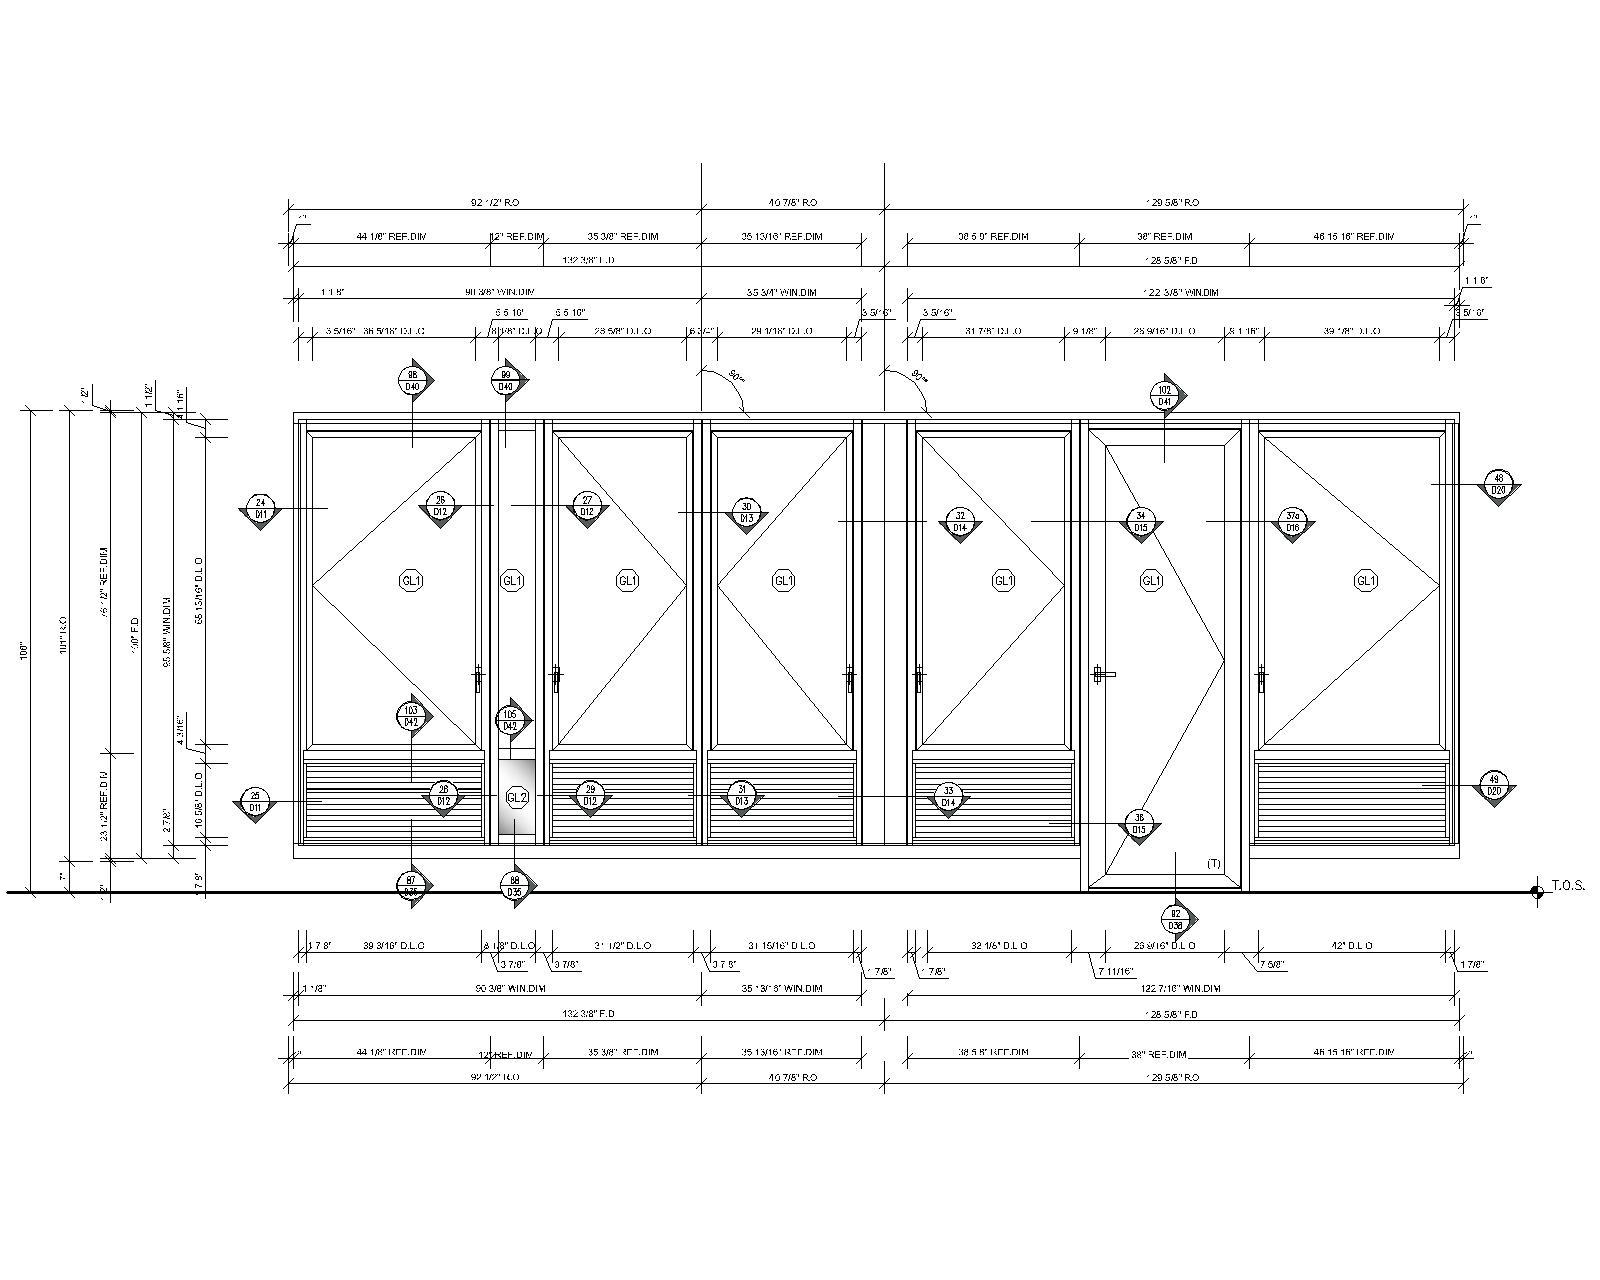 Shop Drawings & Engineering